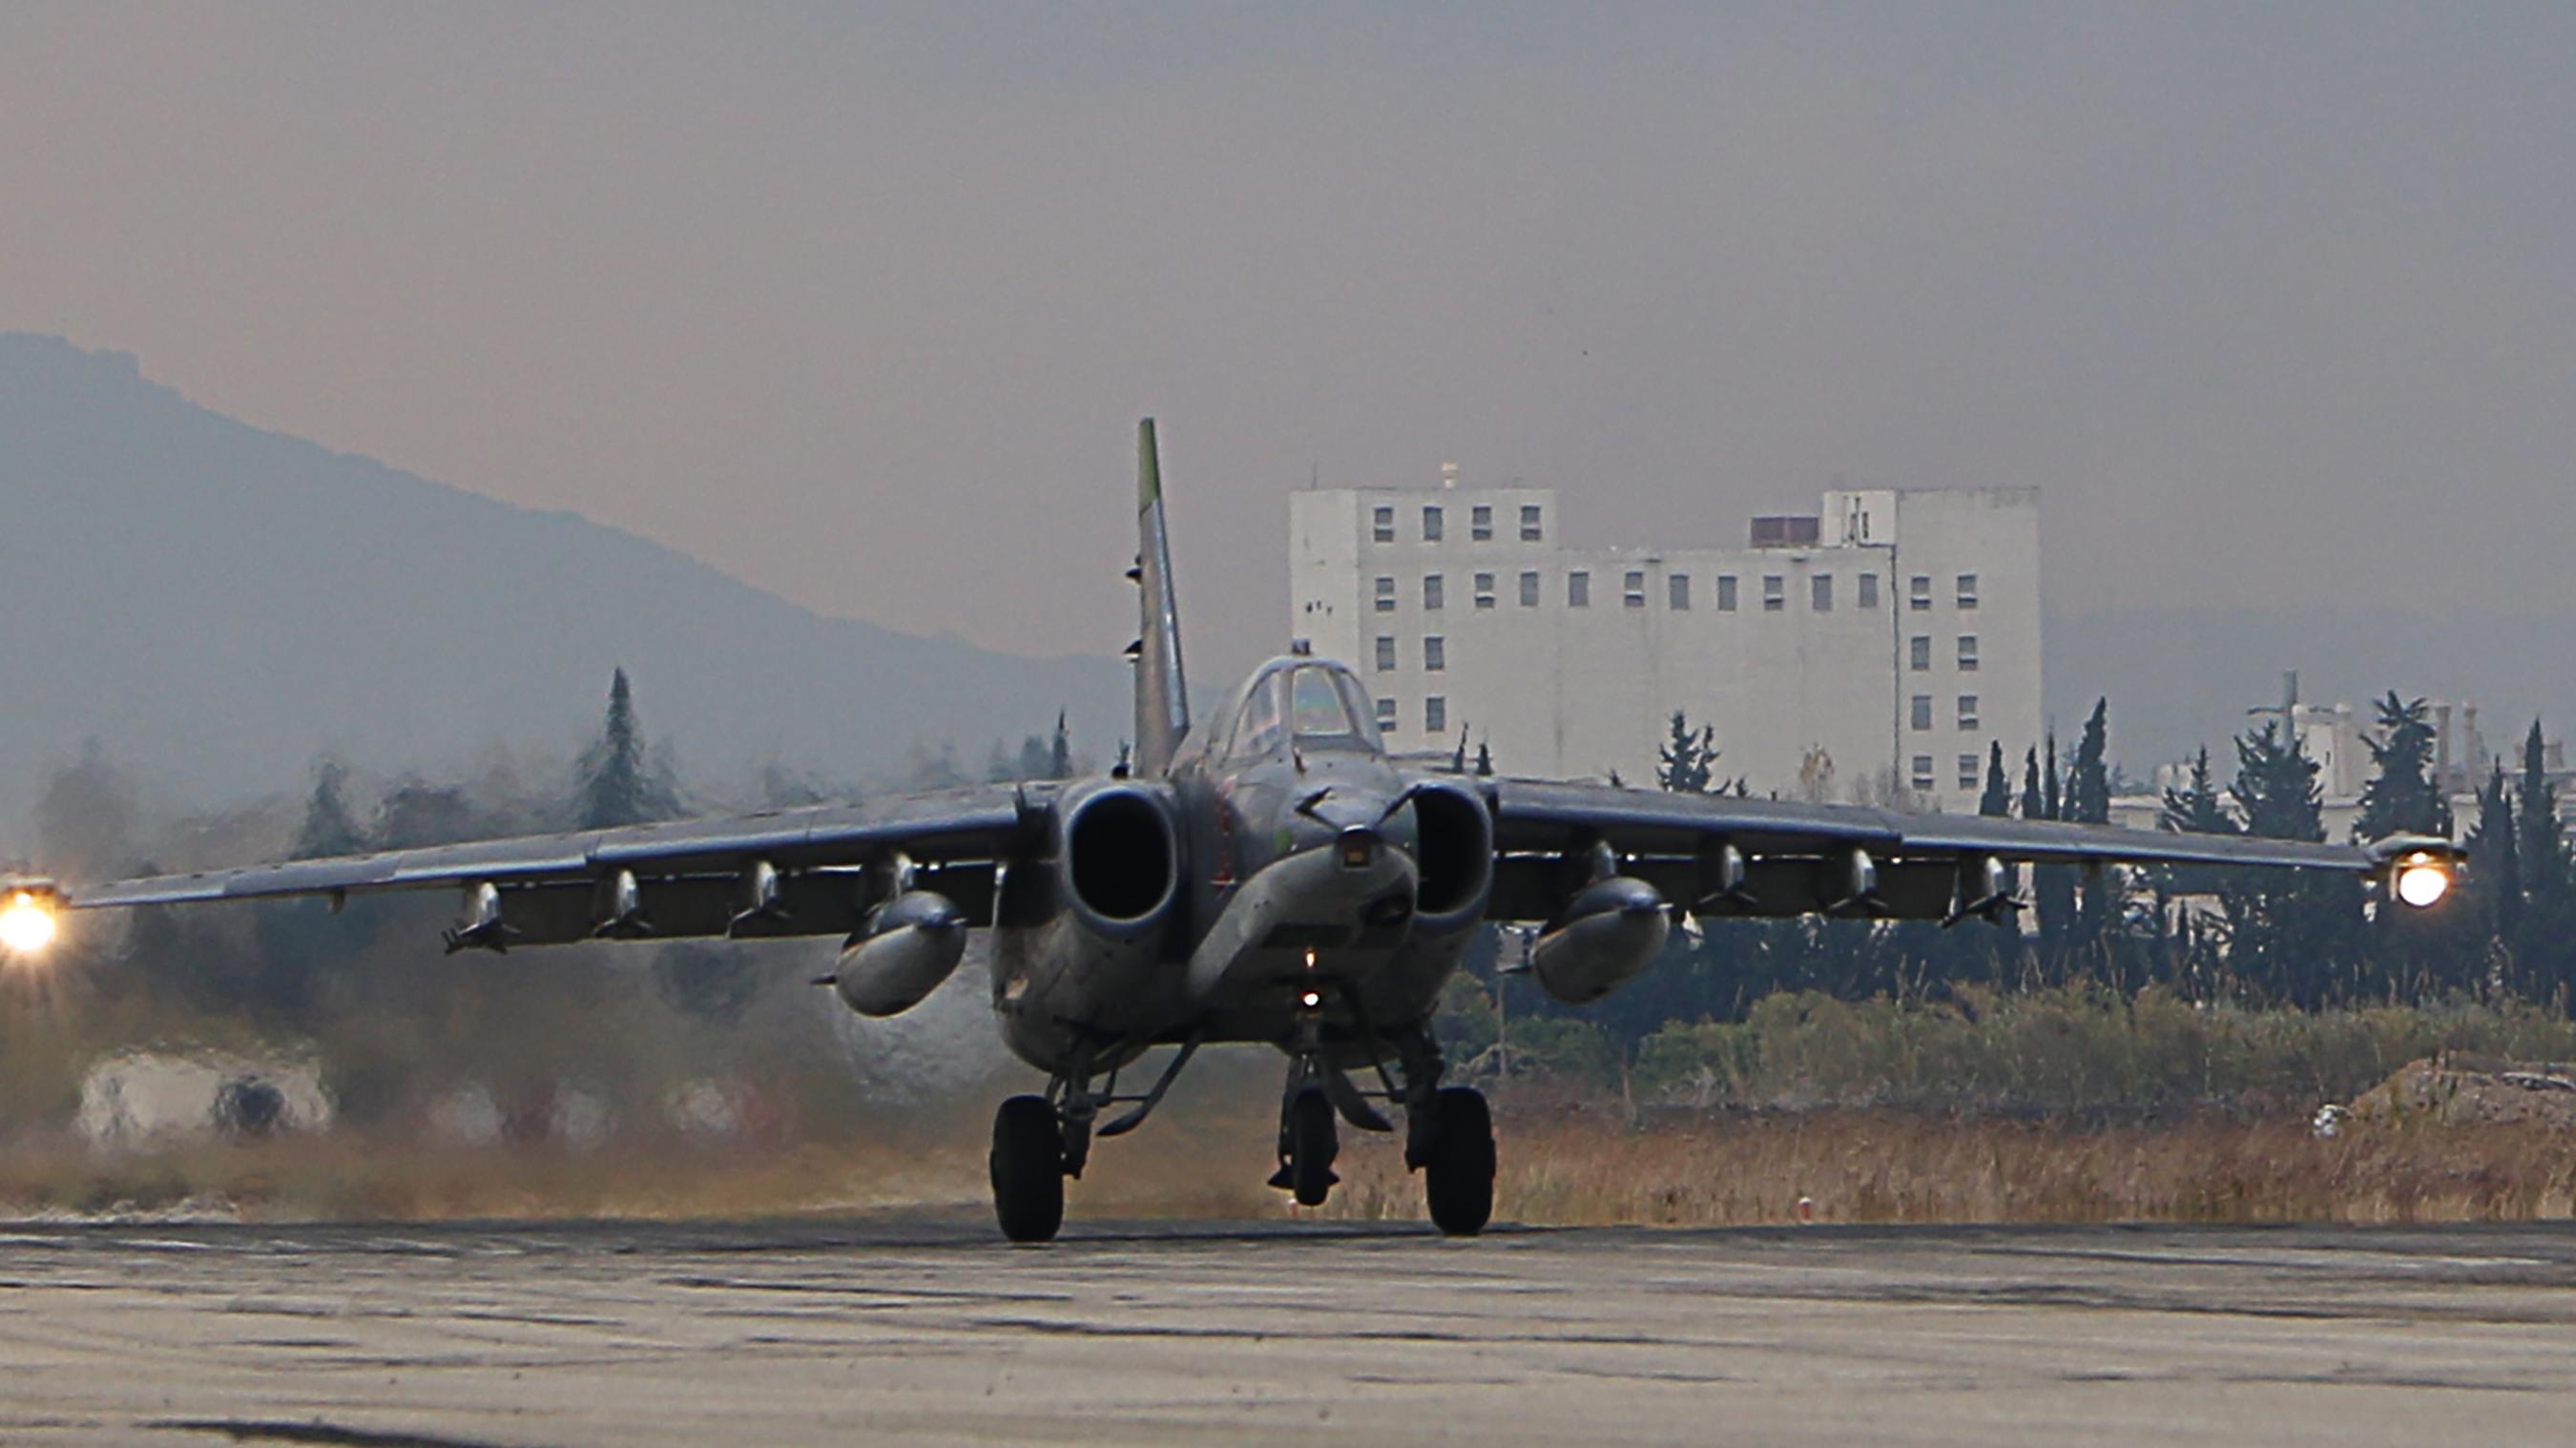 Regierung meldet erneut russichen Jet im Luftraum